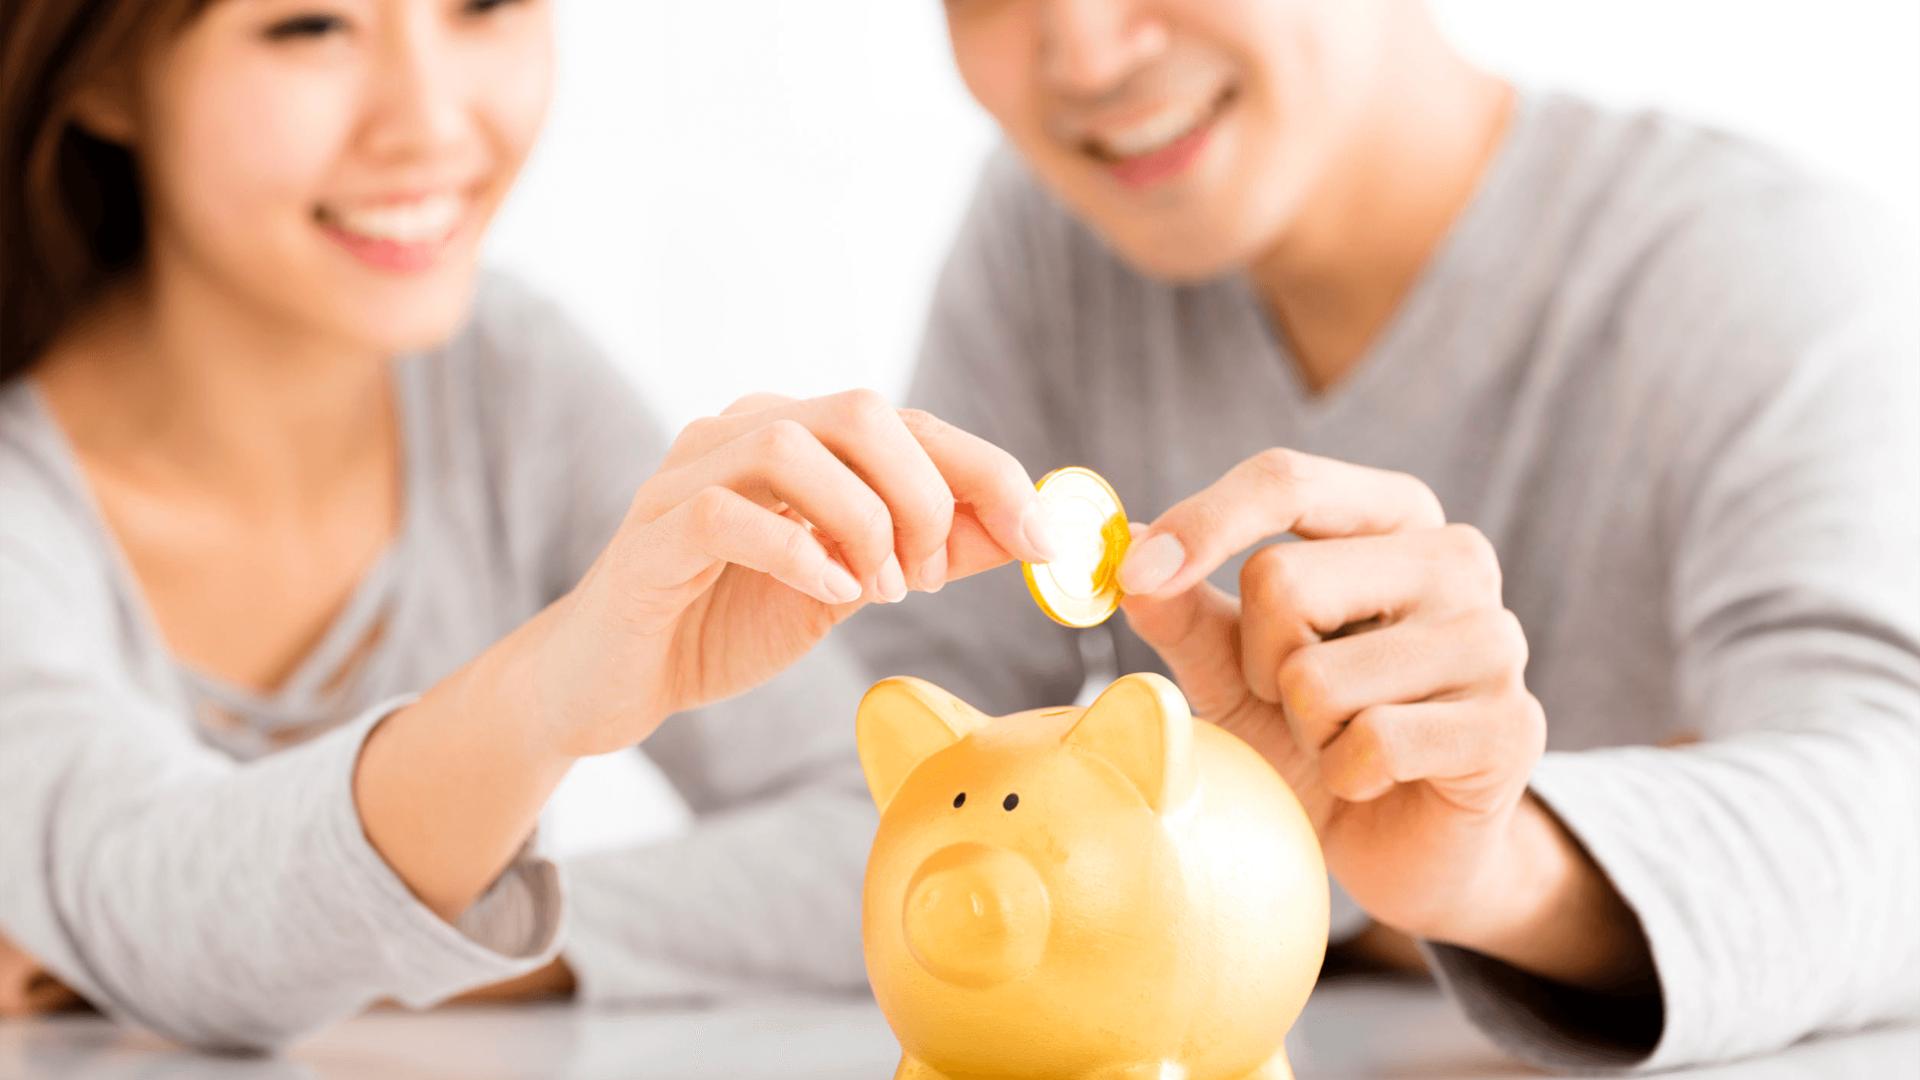 7 bước để lập ngân sách cá nhân lần đầu hiệu quả - Ảnh 5.